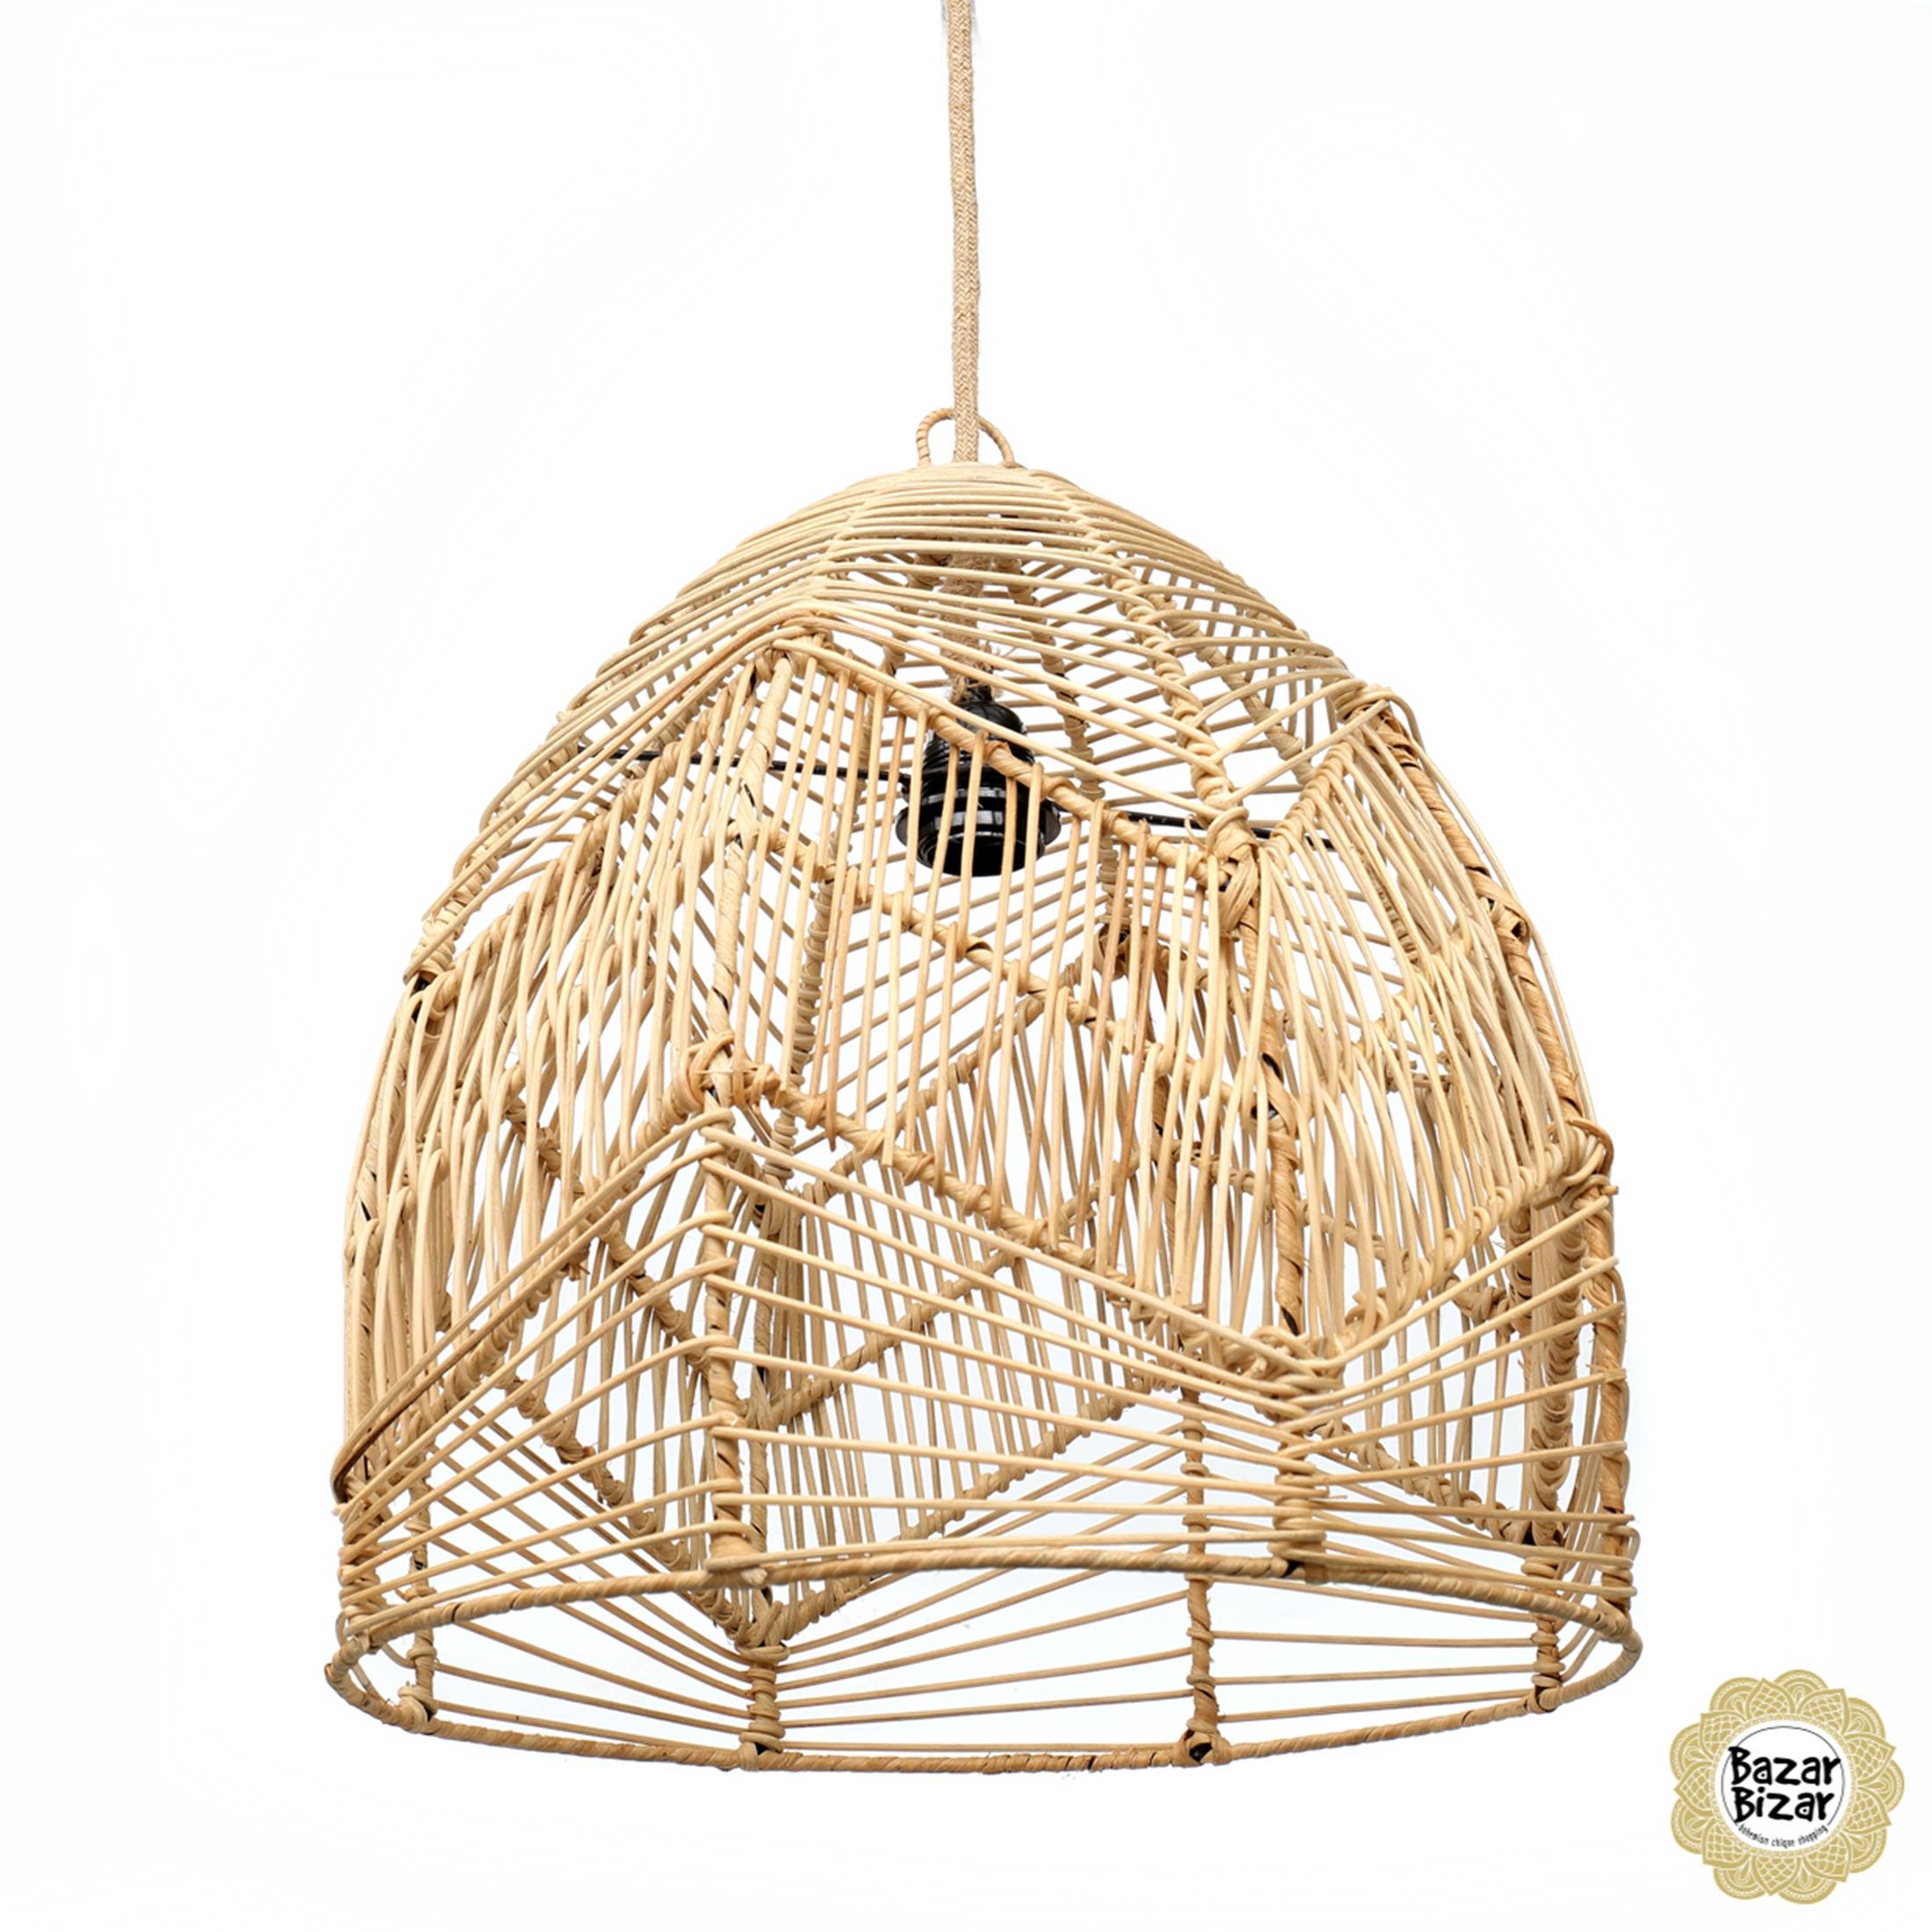 Runde Rattan Lampe mit 50 und 40 cm Durchmesser von der Marke Bazar Bizar. Runder Lampenschirm aus geflochtenem Rattan für den Esstisch